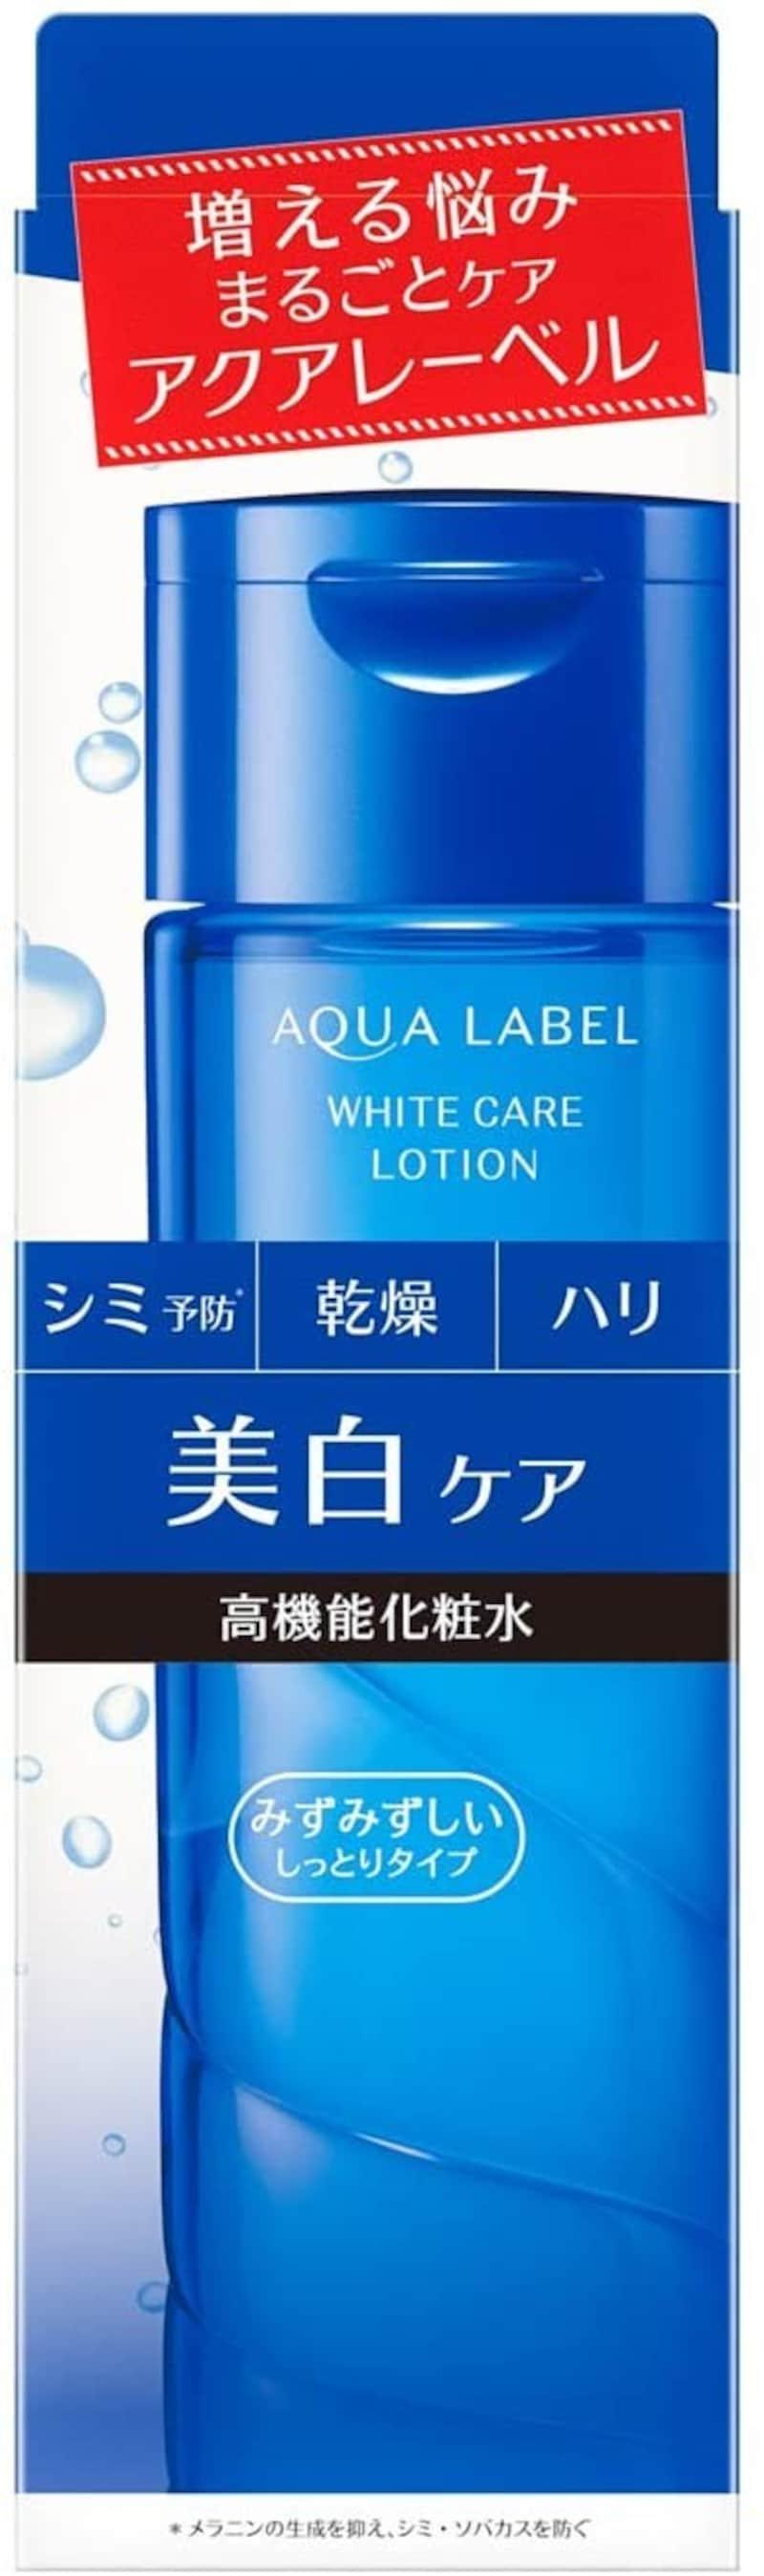 SHISEIDO(資生堂),AQUALABEL(アクアレーベル) ホワイトケアローション